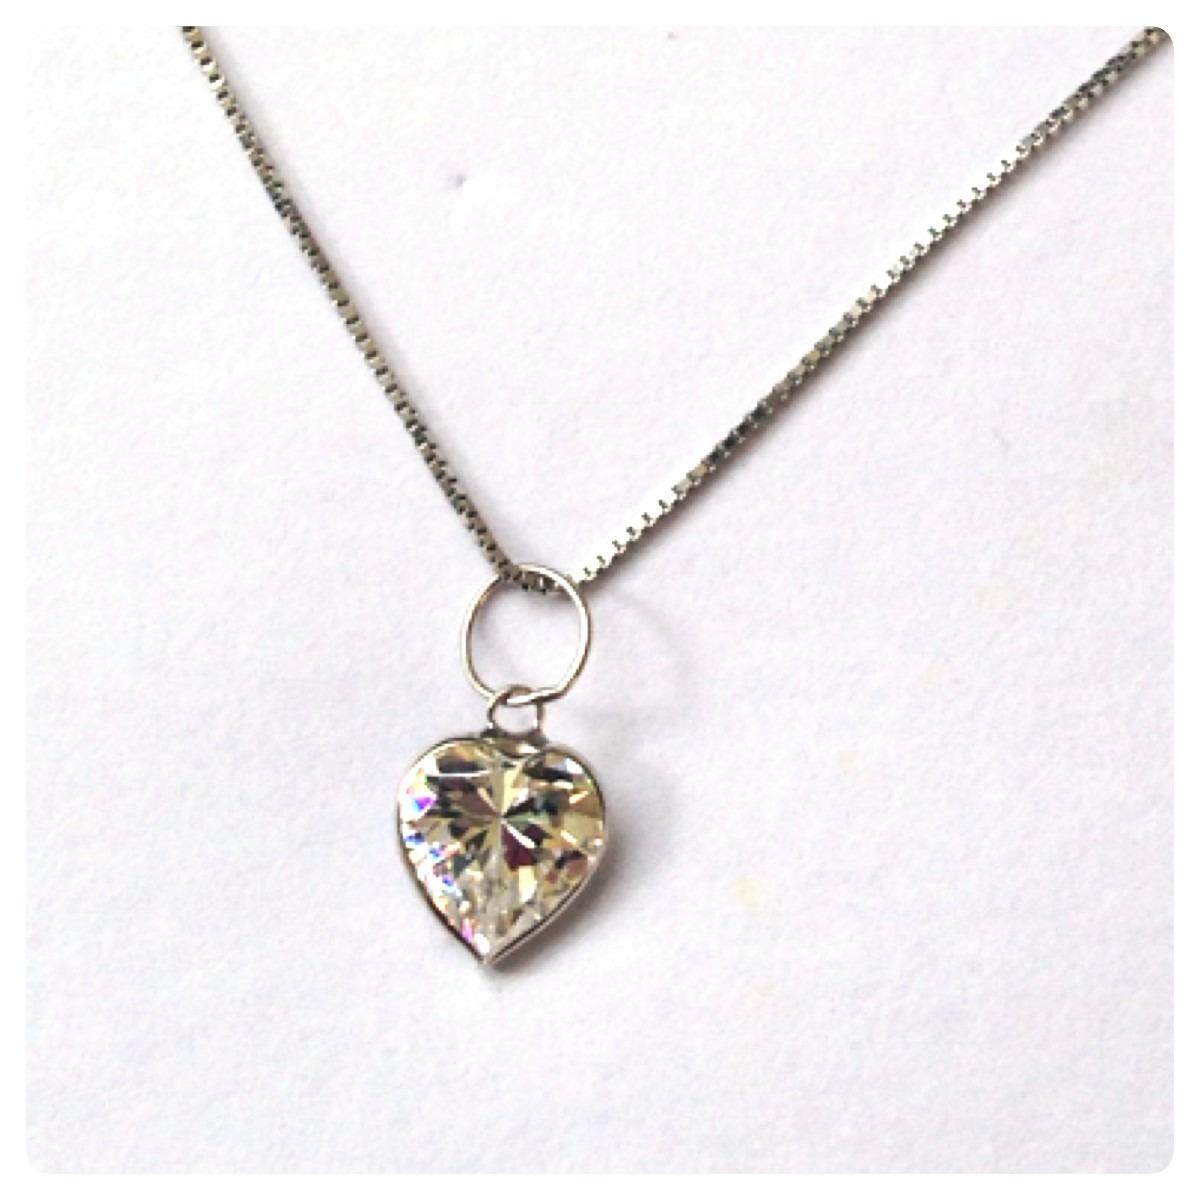 24c0bdb429643 gargantilha e pingente coração de 8mm joia ouro branco 18k. Carregando zoom.